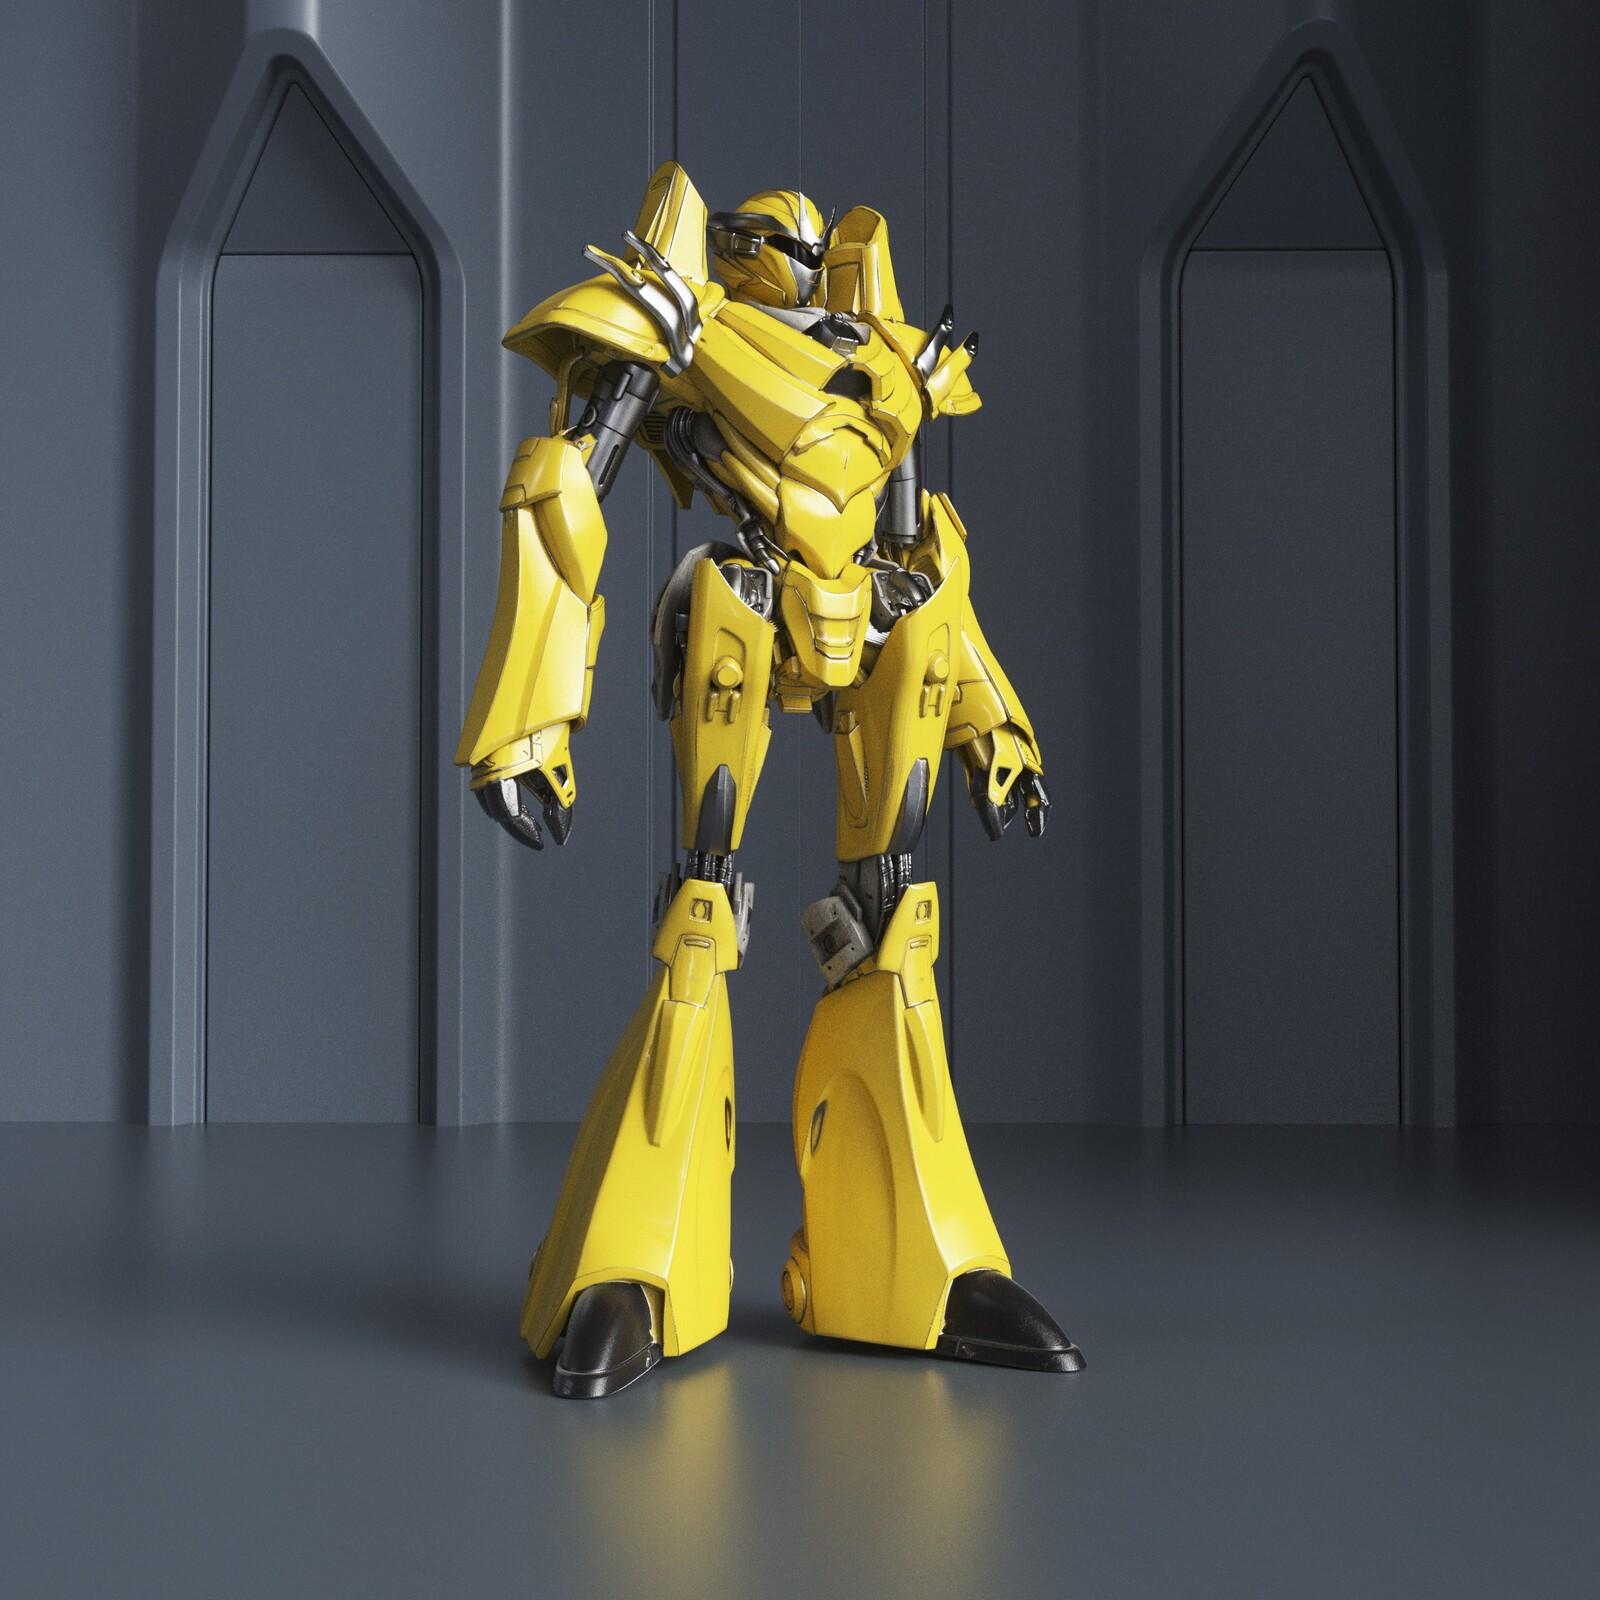 My Robot 2 sculpture